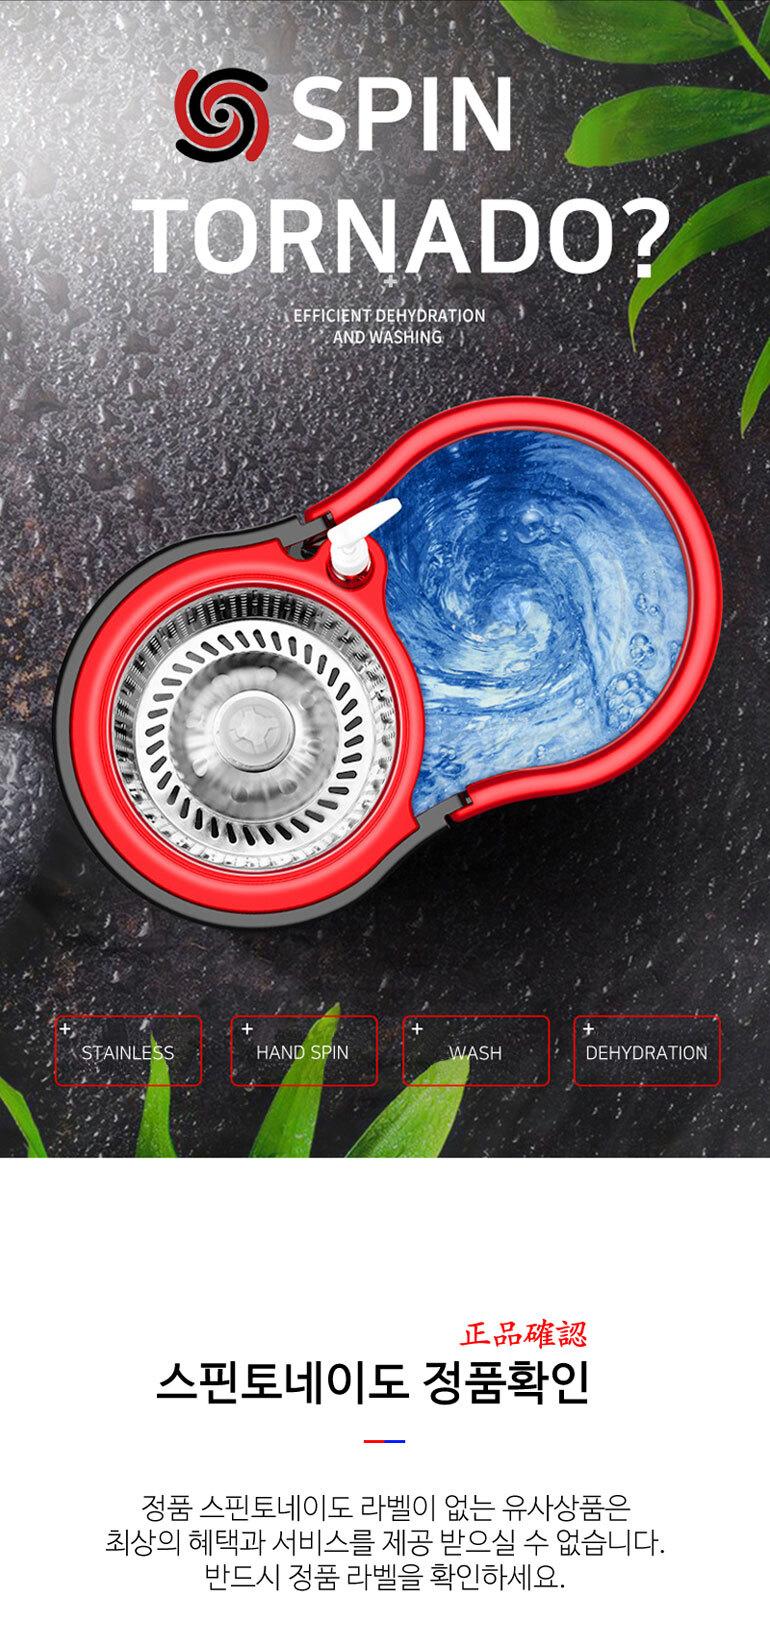 스핀토네이도 핸드스핀 통돌이 회전걸레 - 리빙디자이어9, 24,900원, 청소도구, 회전밀대